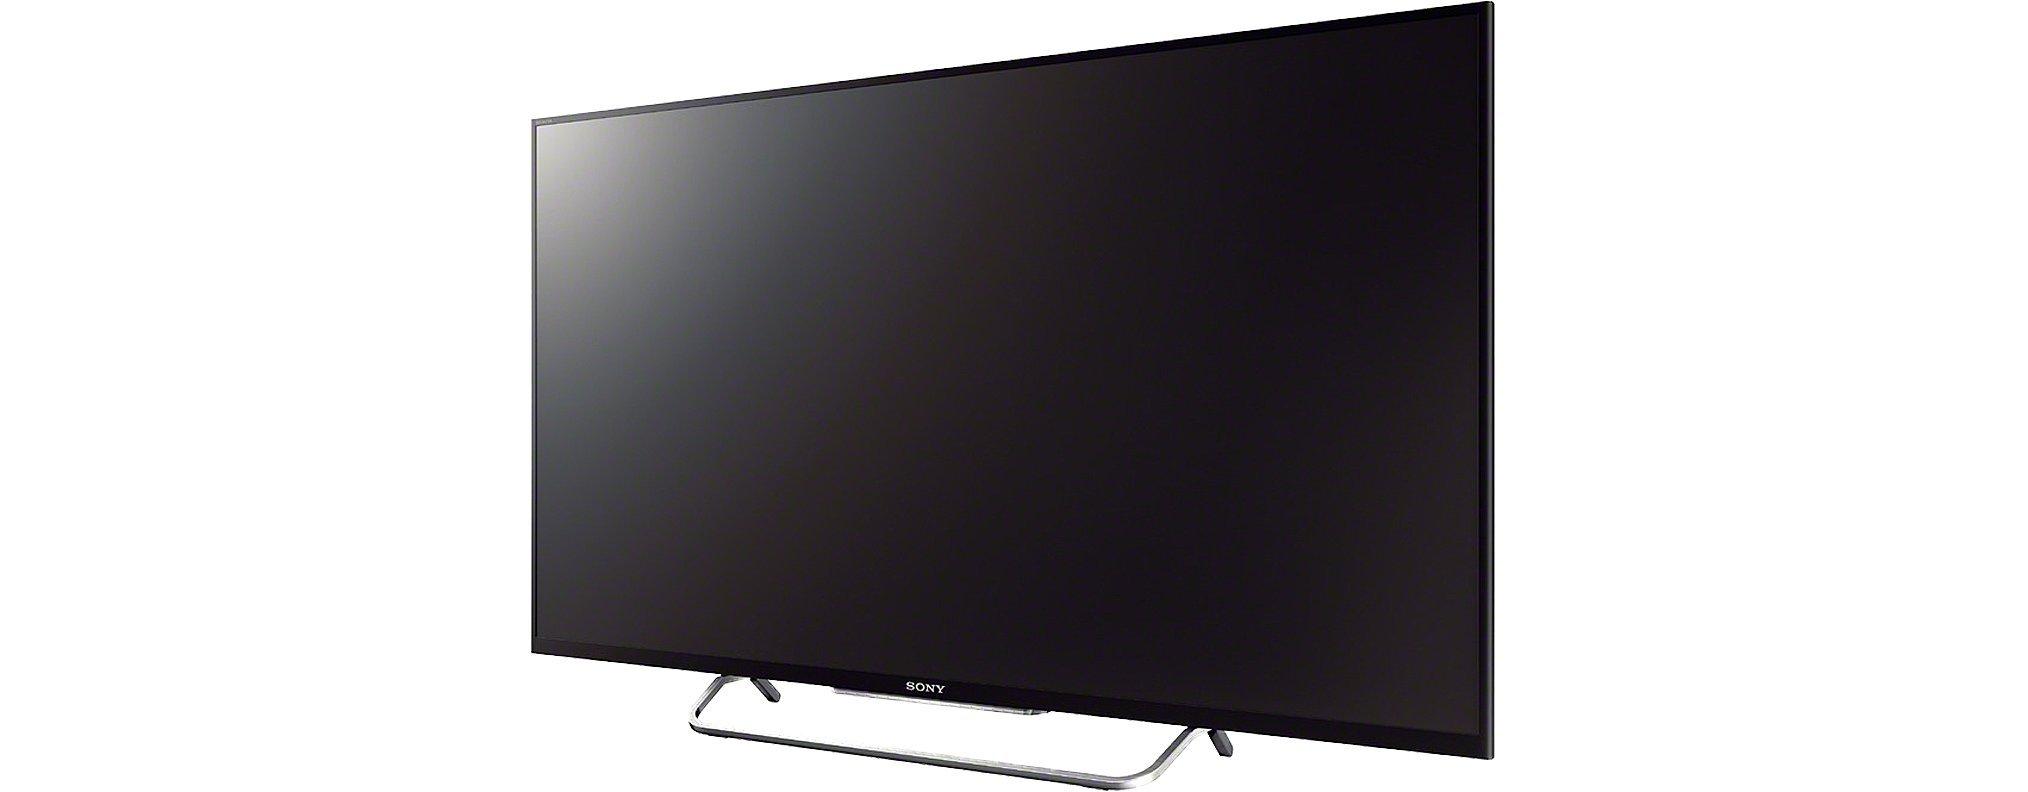 Sony KDL-42W829B 42